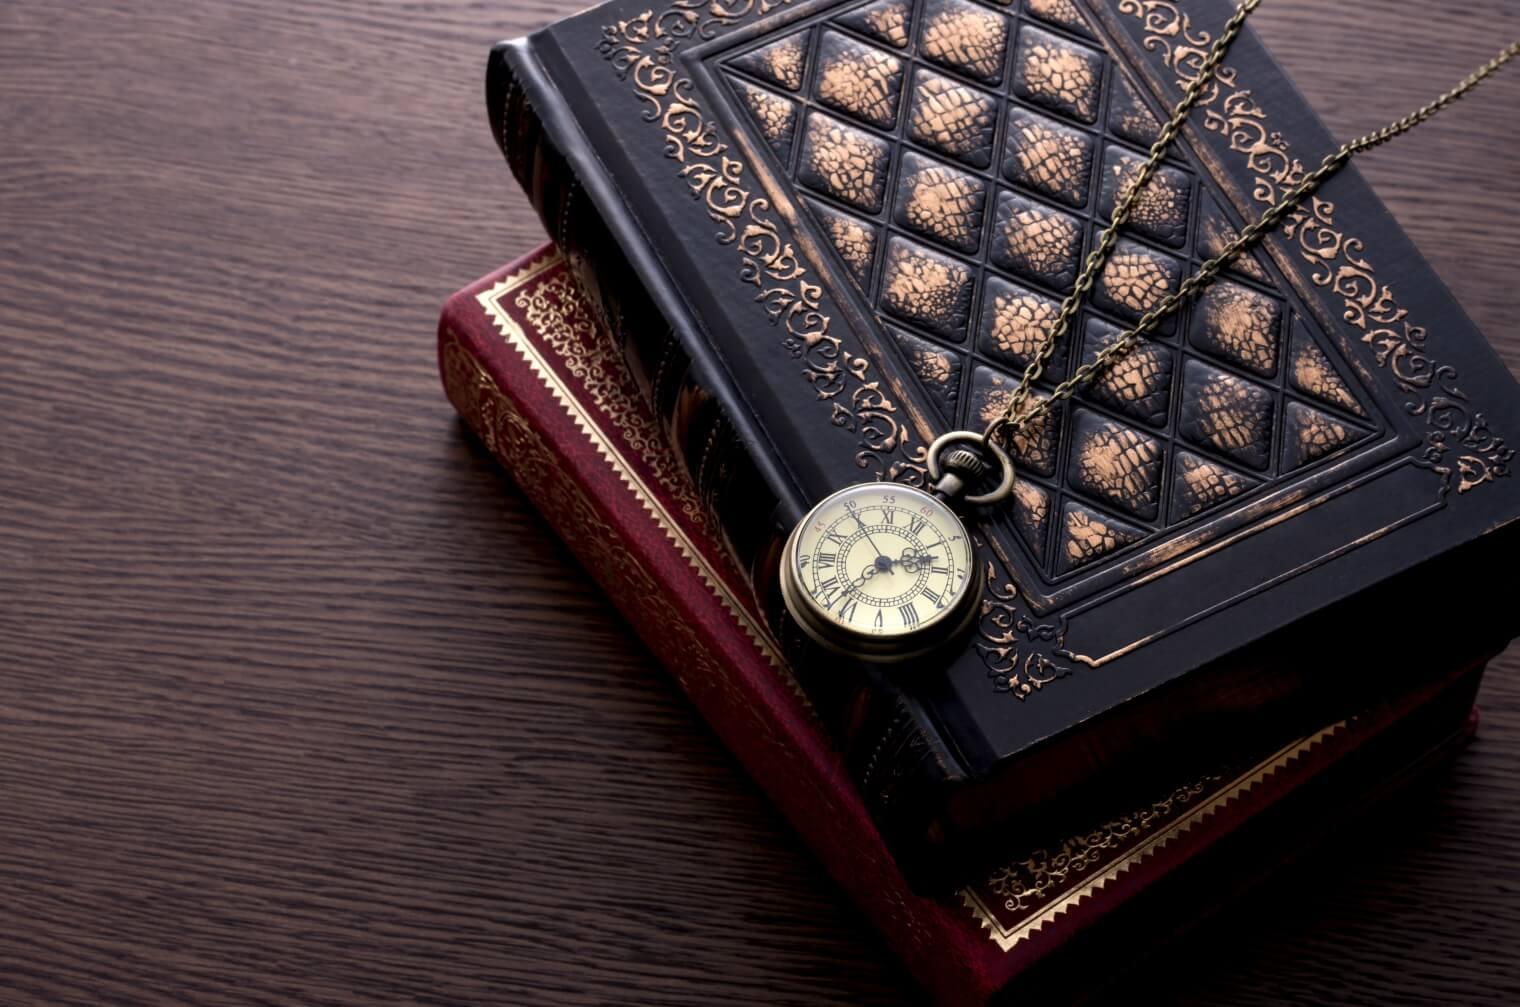 大事な洋書を劣化させずに長く保管する方法